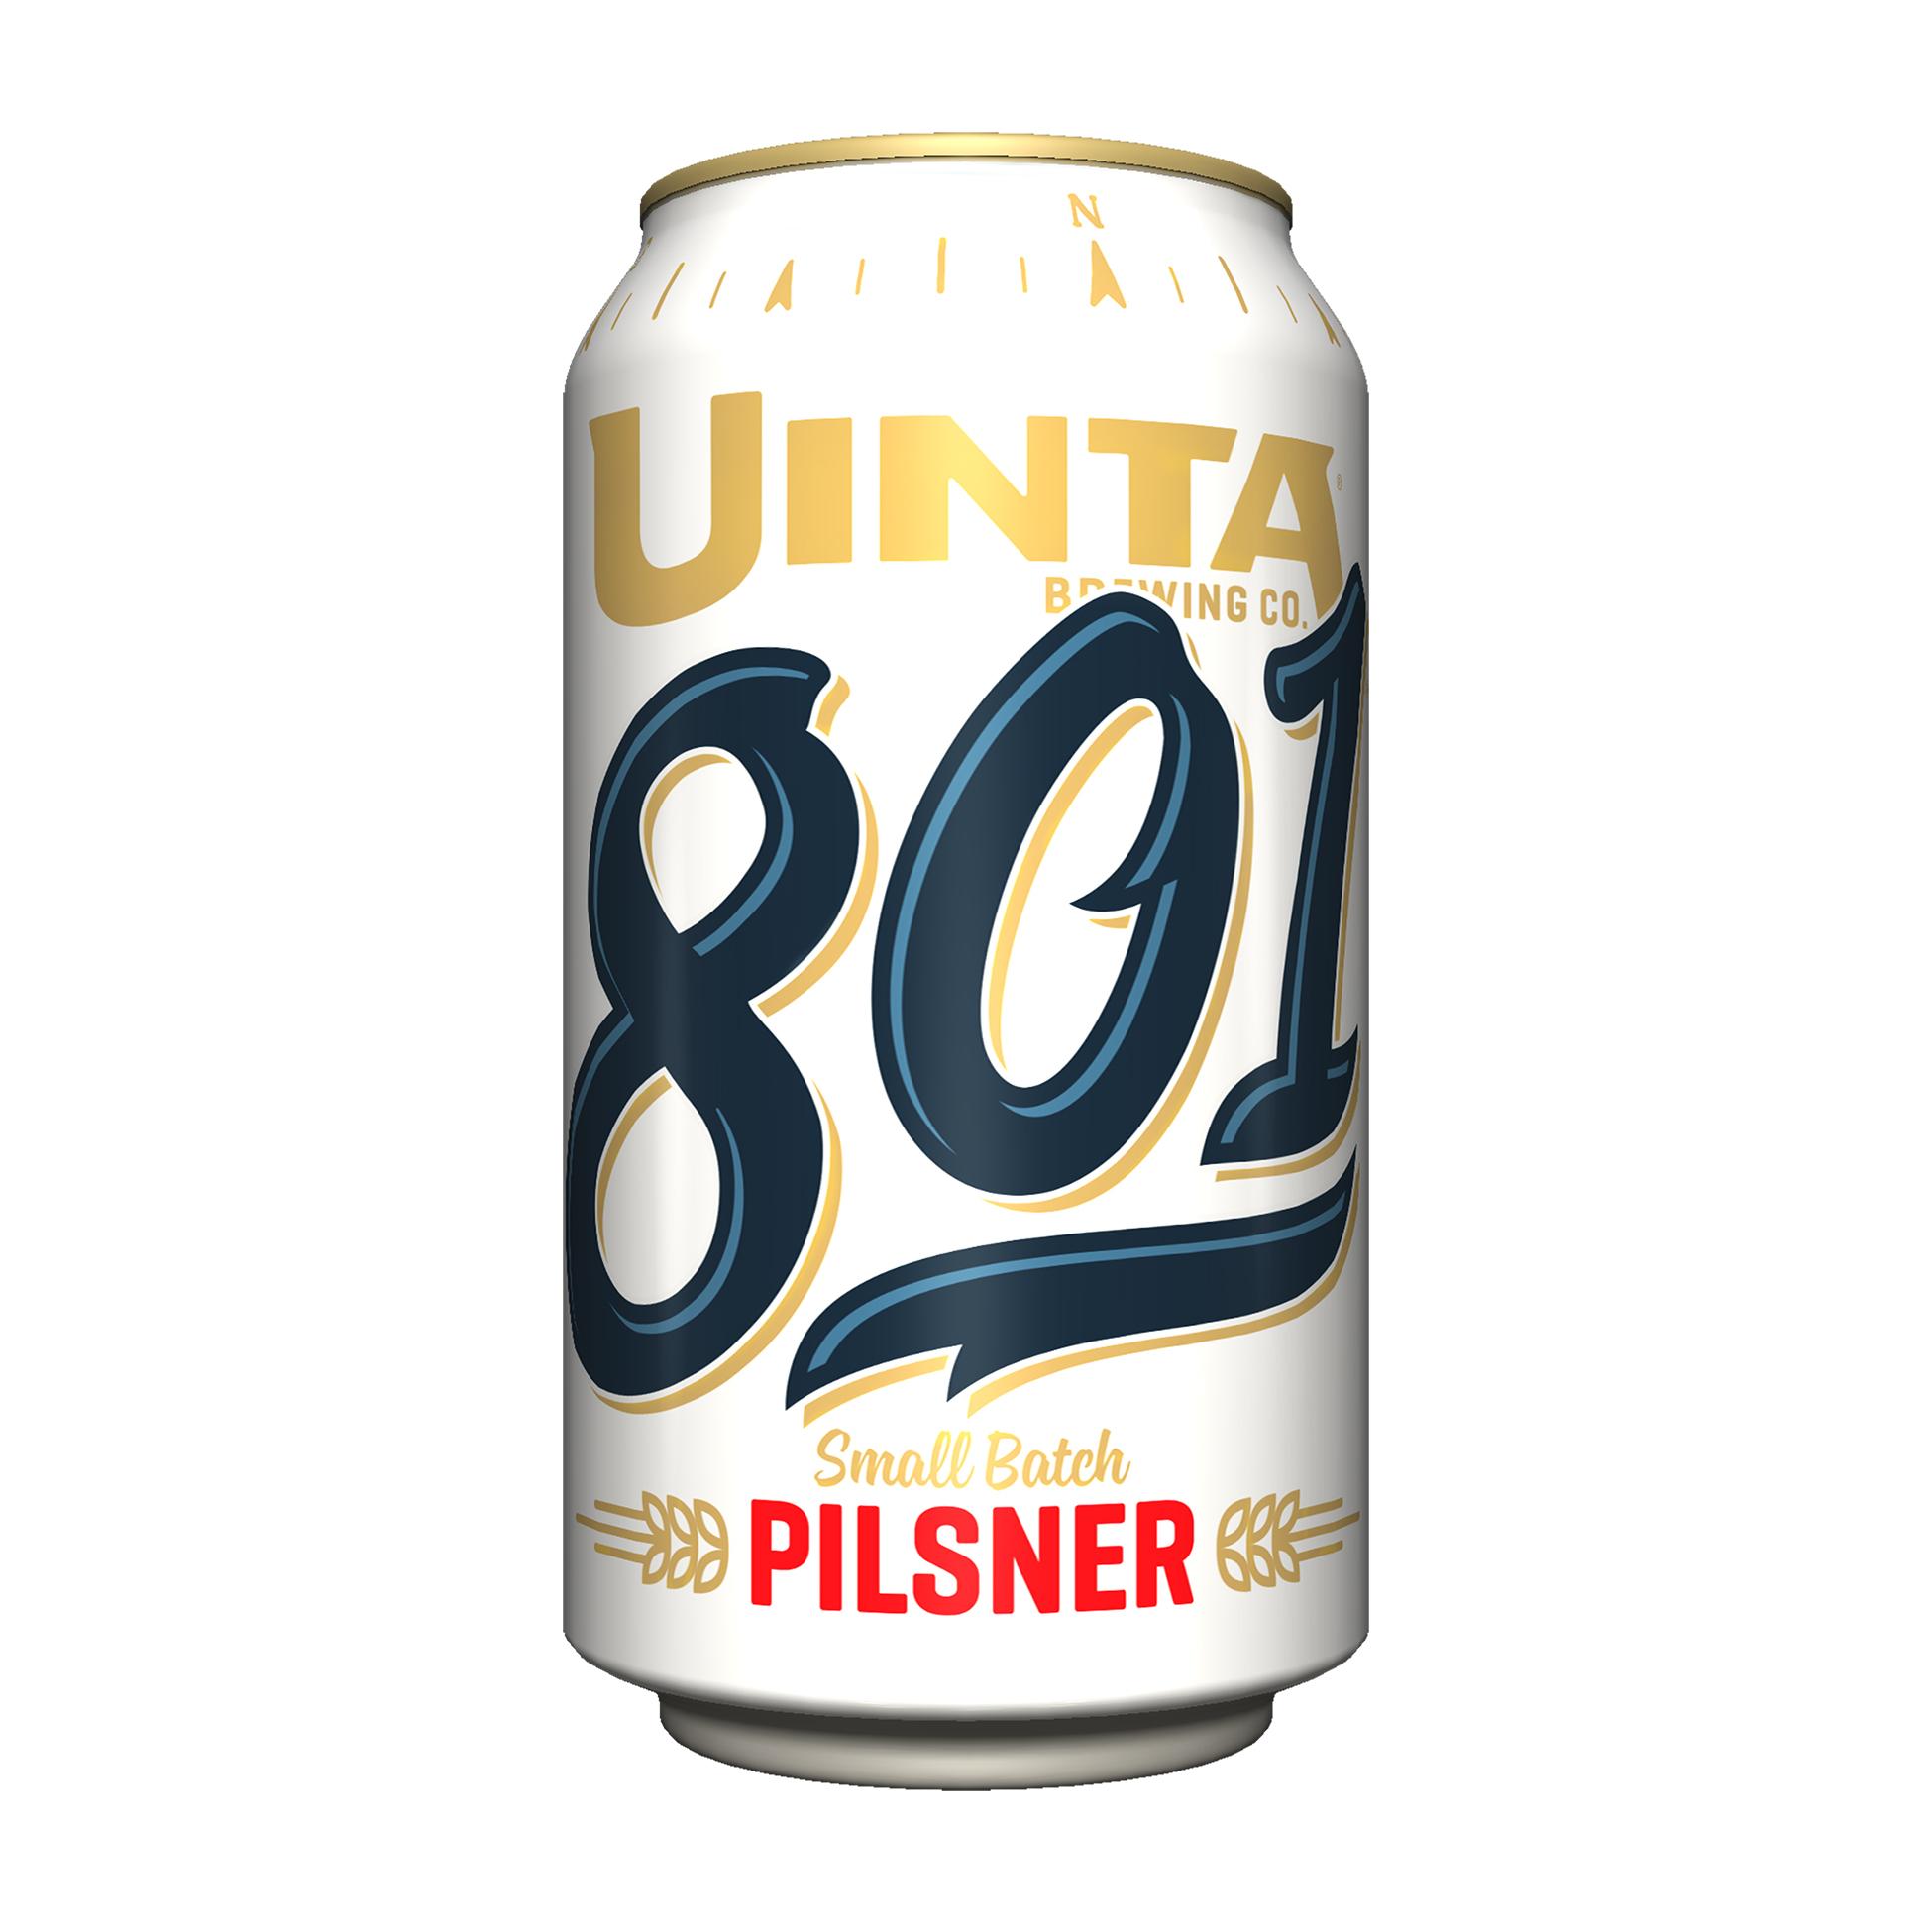 Uinta, 801 Pilsner